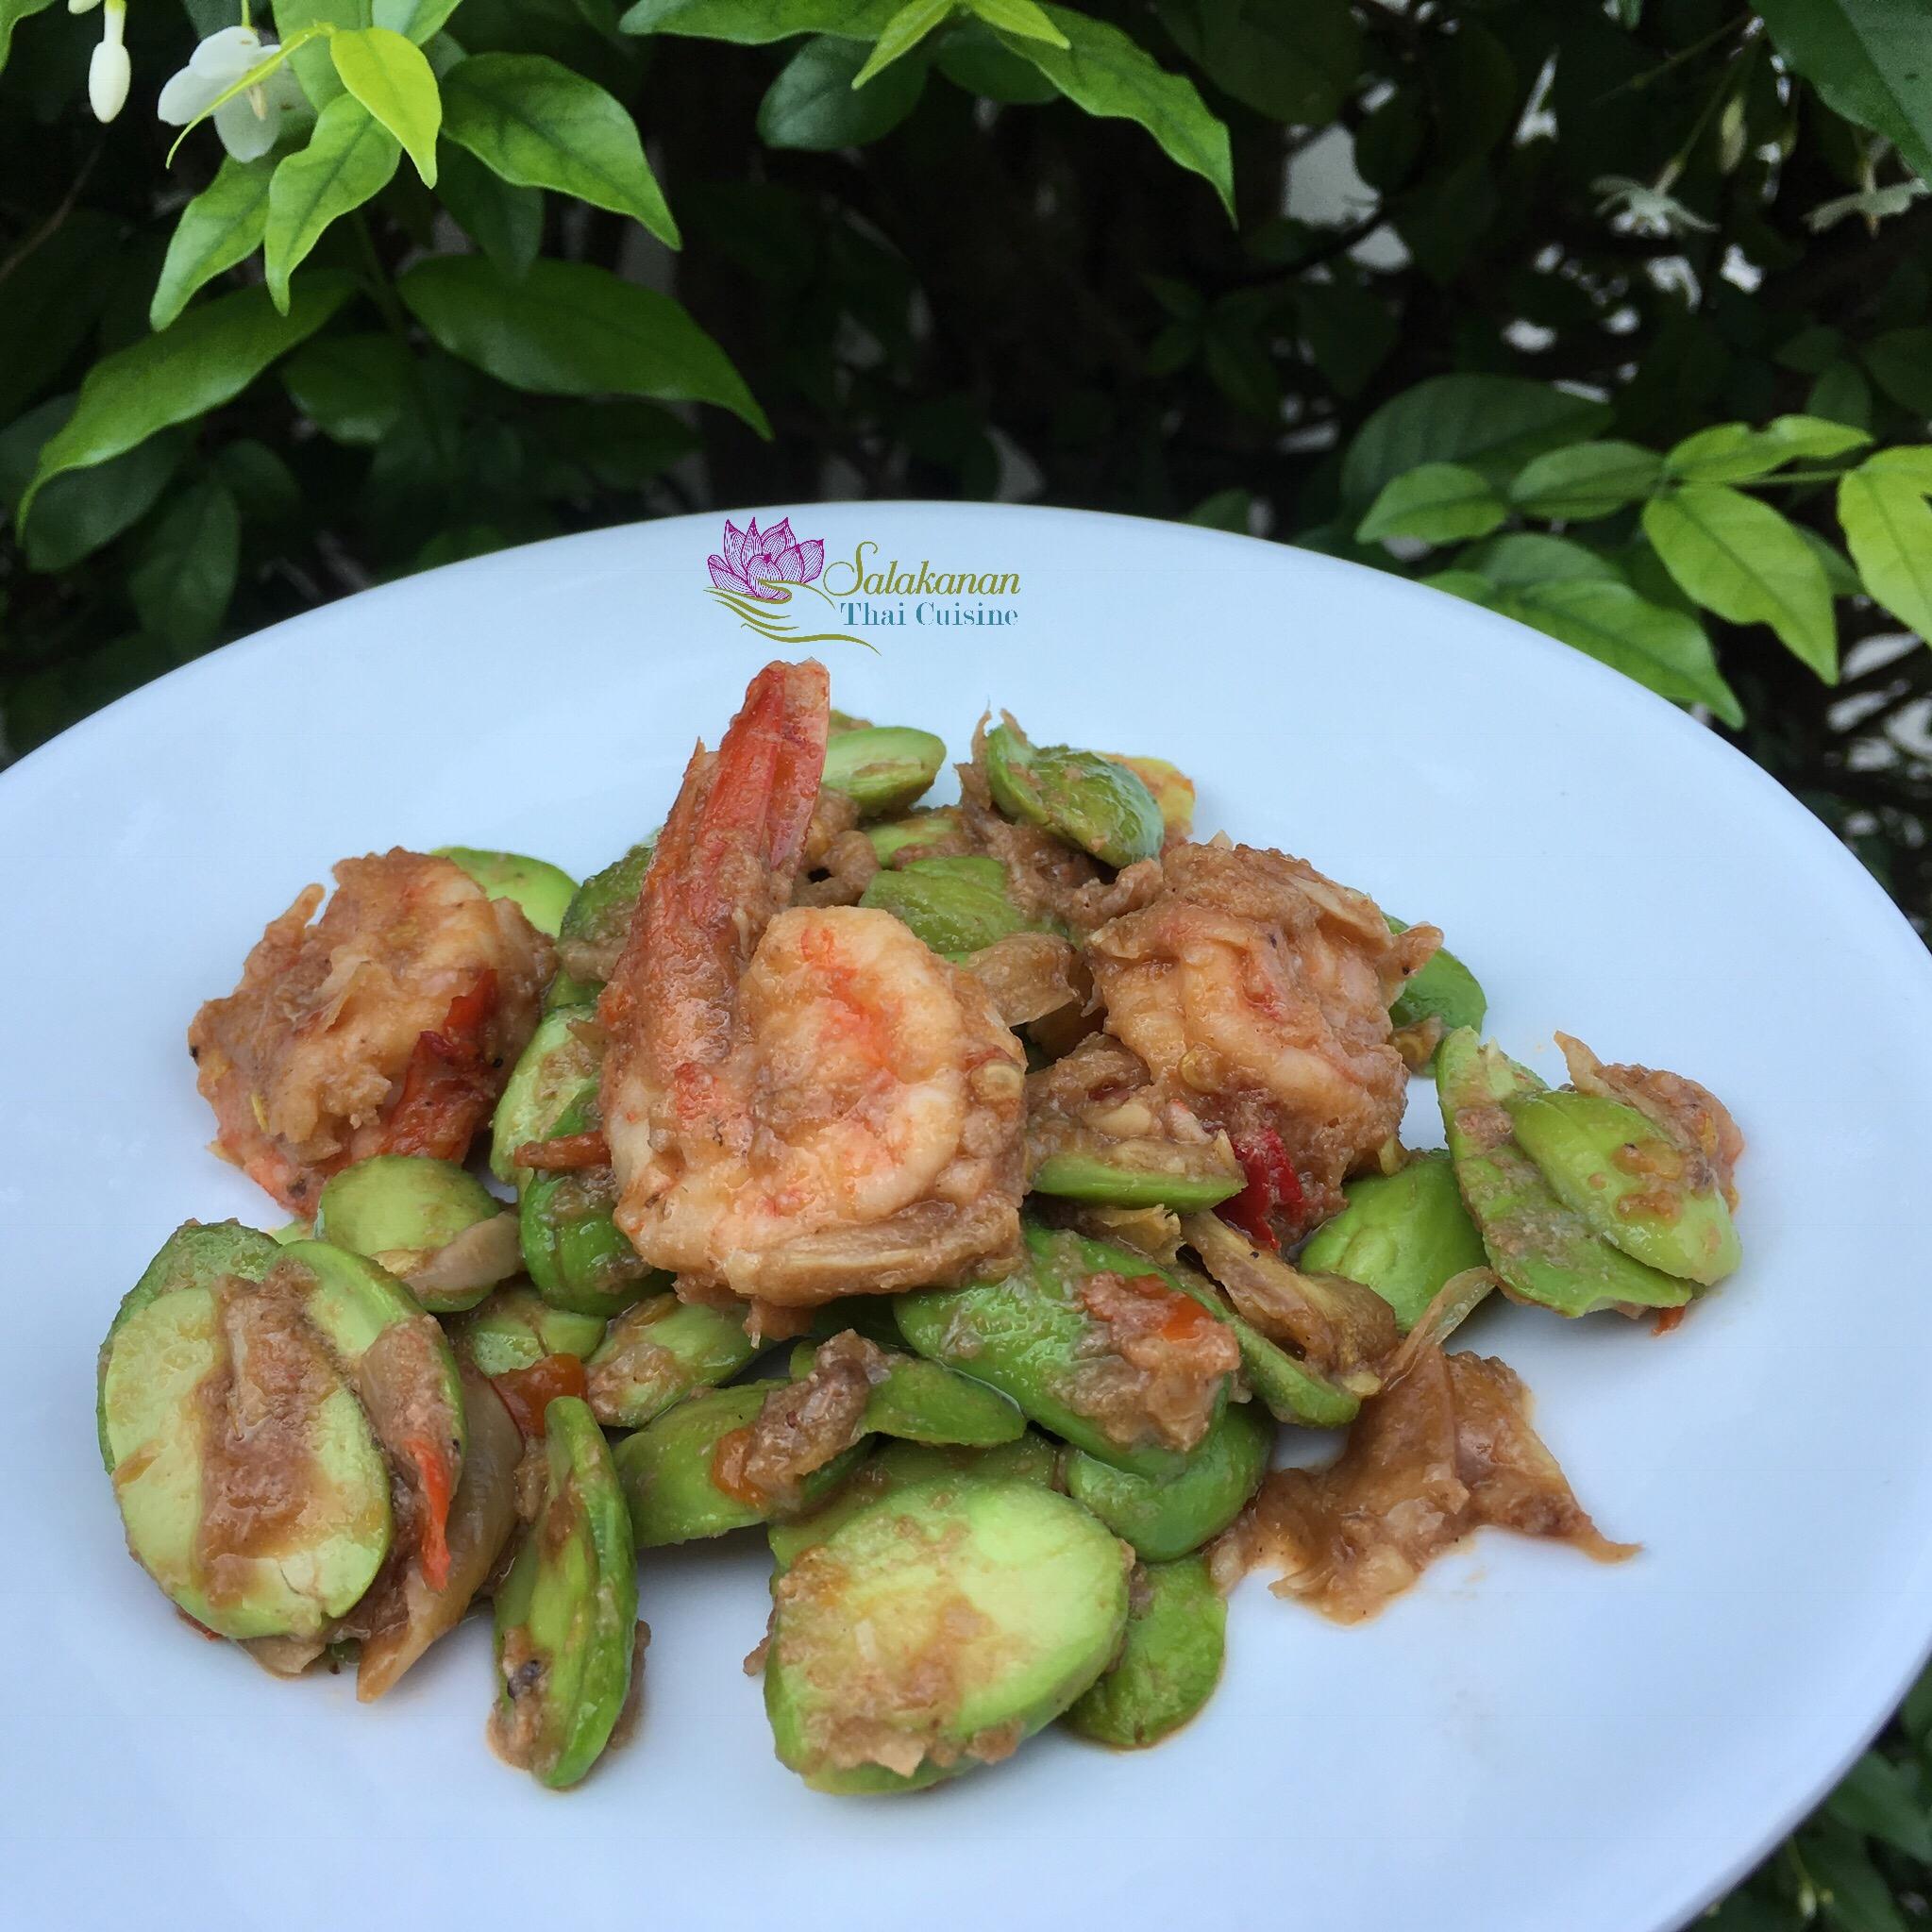 GUNG PAD SA TOR Salakanan Thai Restaurant Offenburg